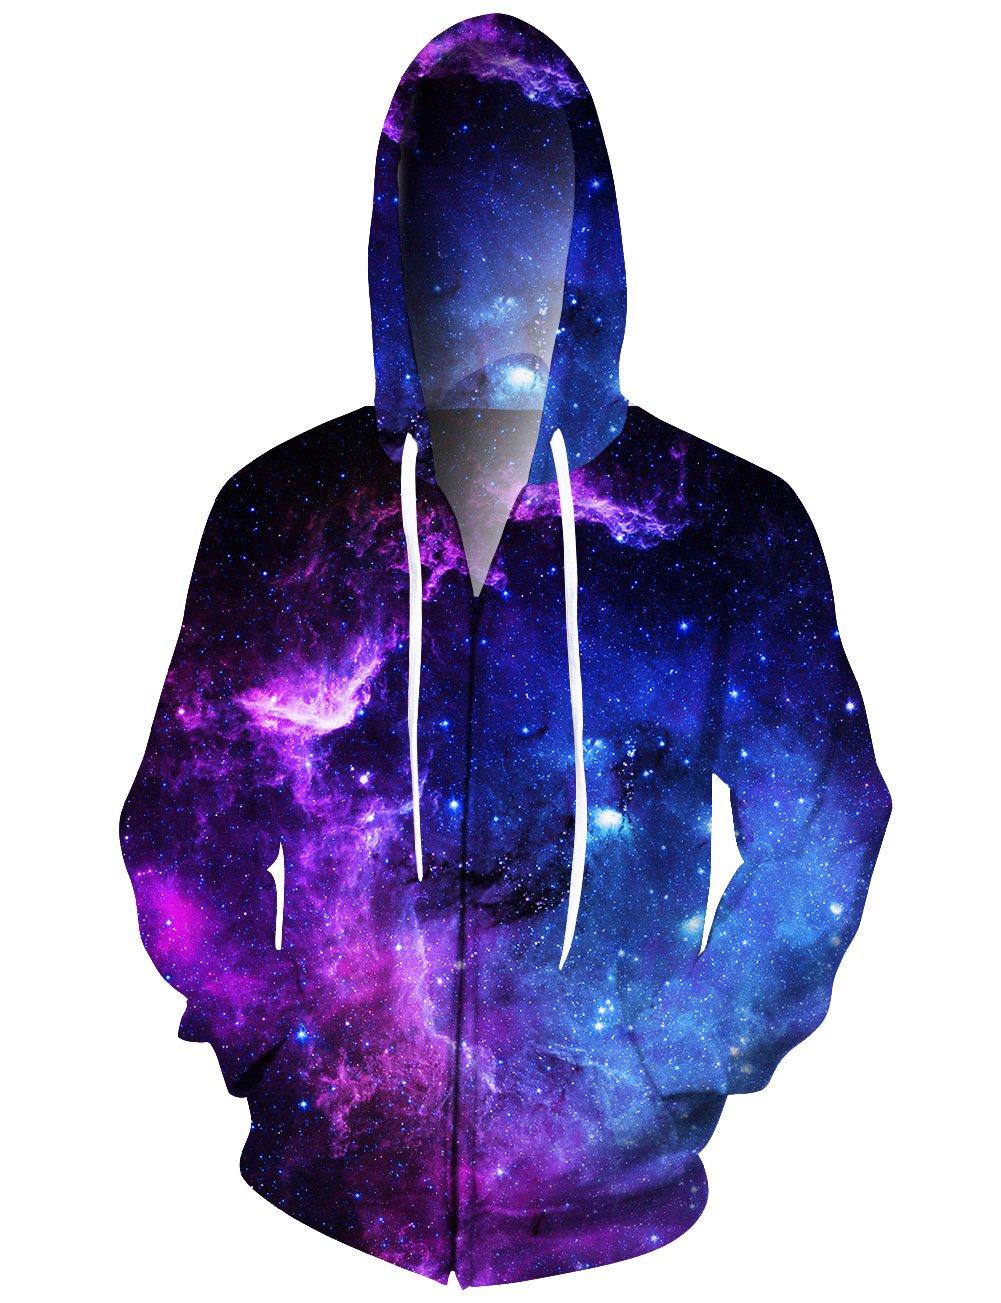 Idgreatim Mens All Over 3D Galaxy Printed Zipper Hoodie Sweatshirt Pullover Hooded Jacket